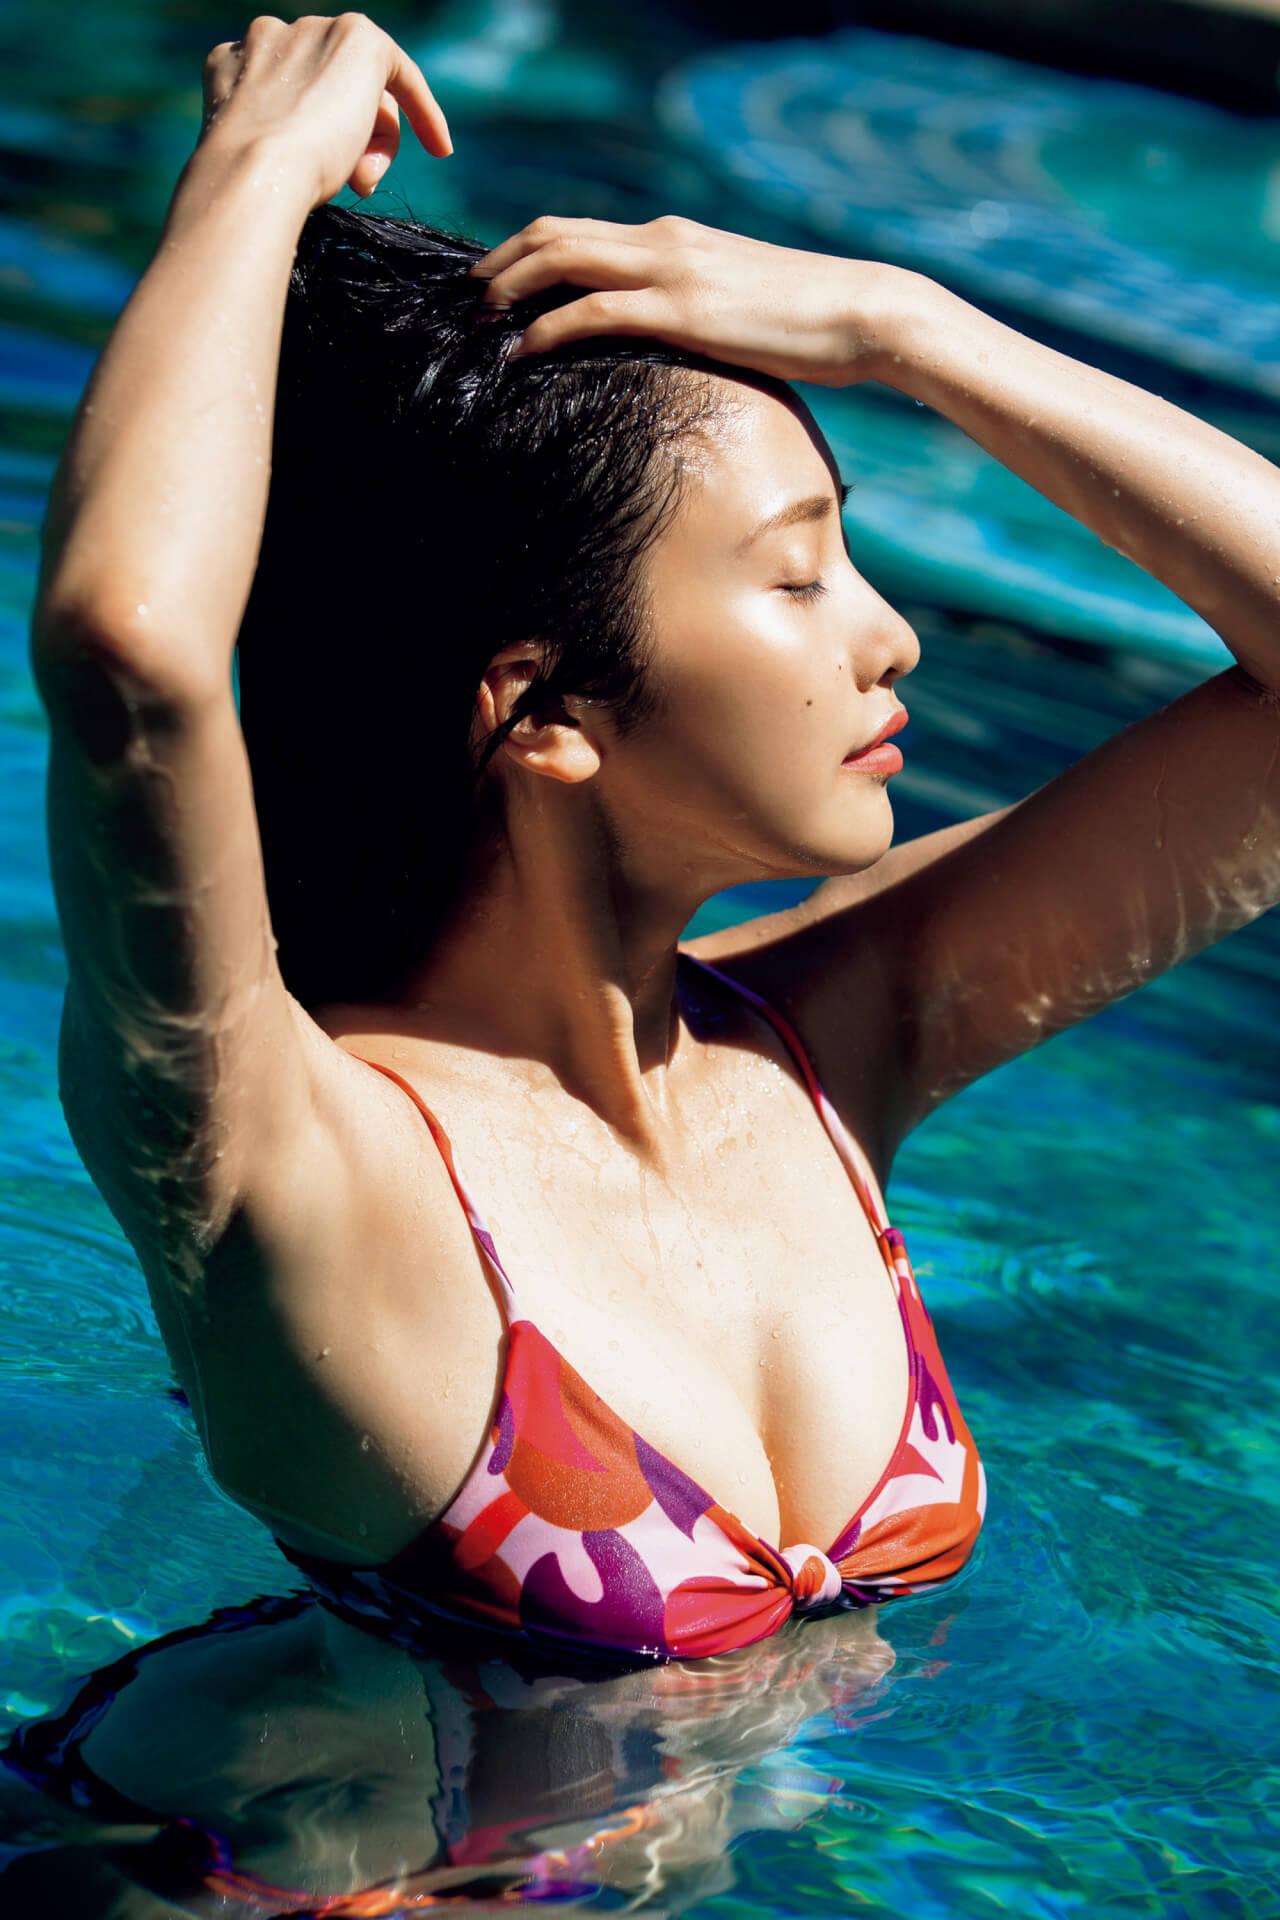 佐野ひなこの健康美ボディが詰まった写真集『Hina』のデジタル版がリリース!32ページ分のアザーカットが収録 art200729_sanohinako_1